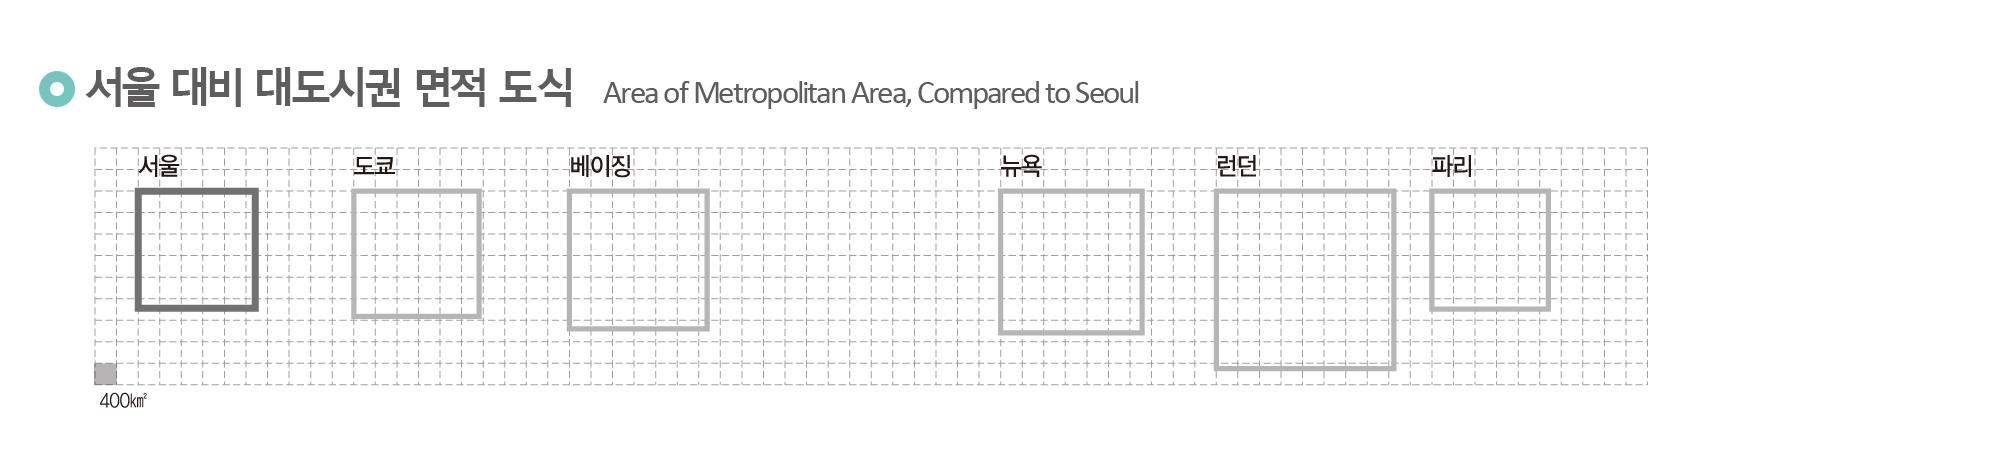 서울 대비 대도시권 면적 도식